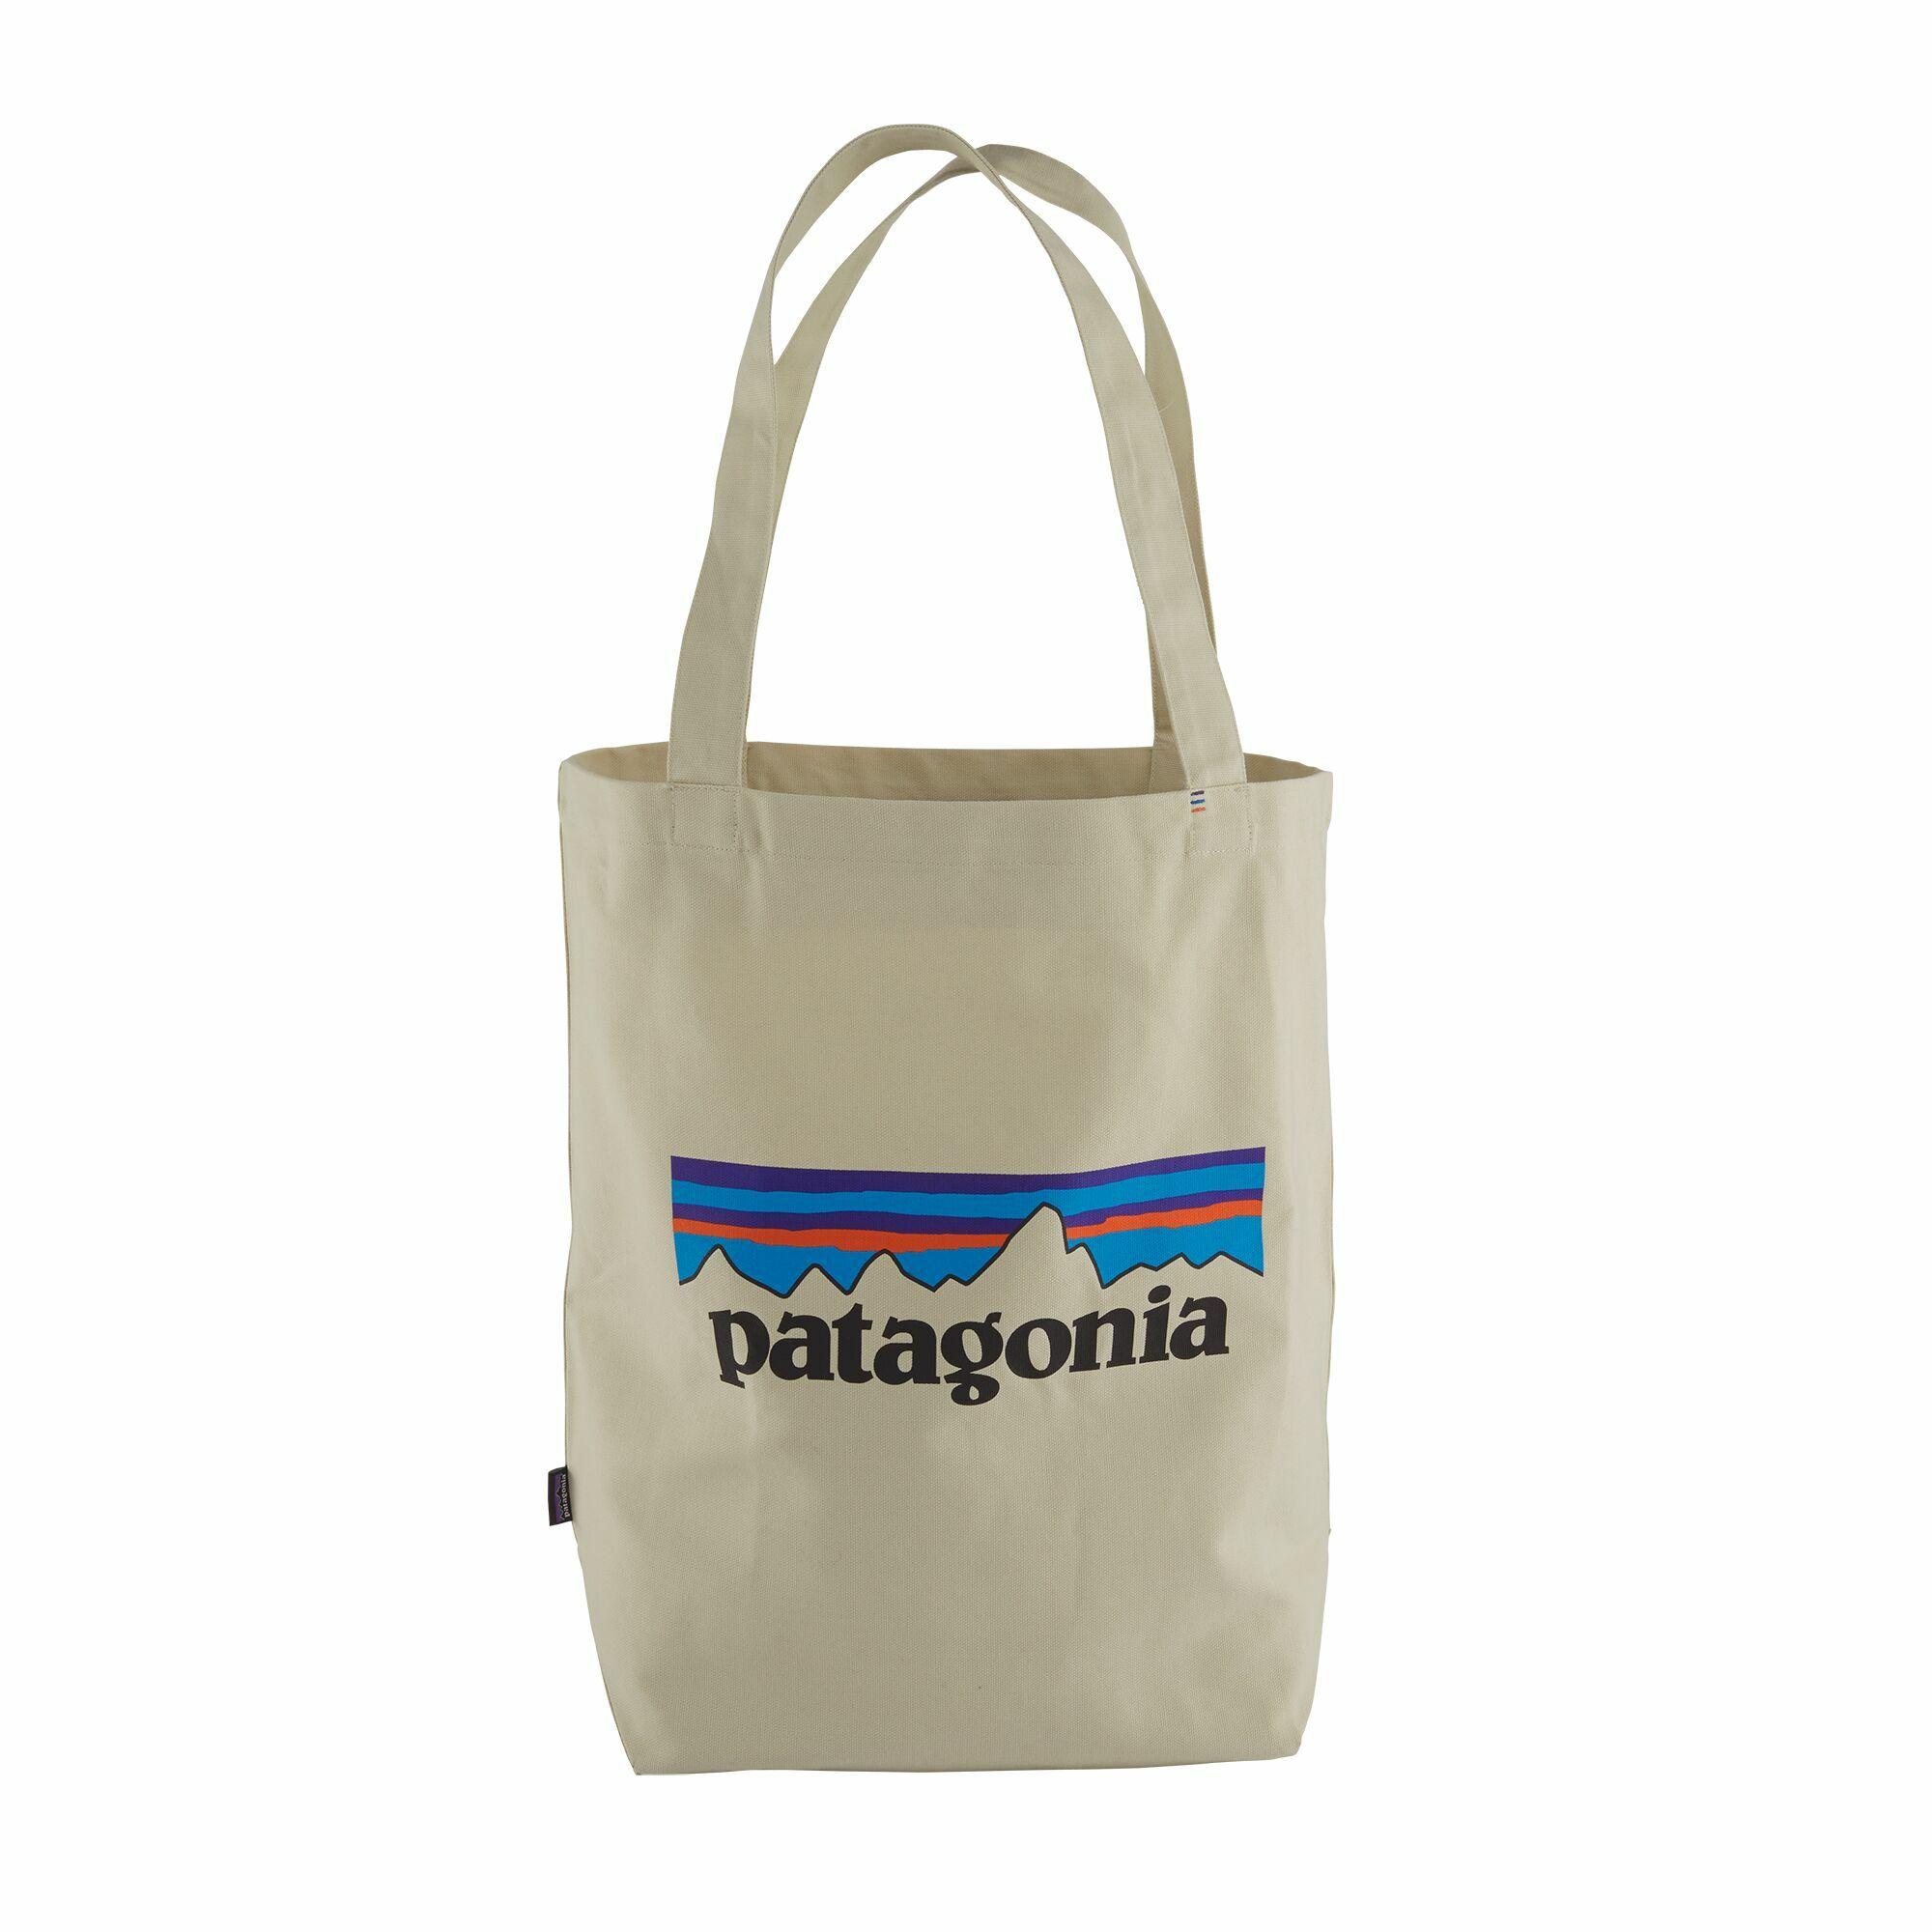 パタゴニア PATAGONIA バッグ トートバッグ マーケット トート 59280【正規取扱店】